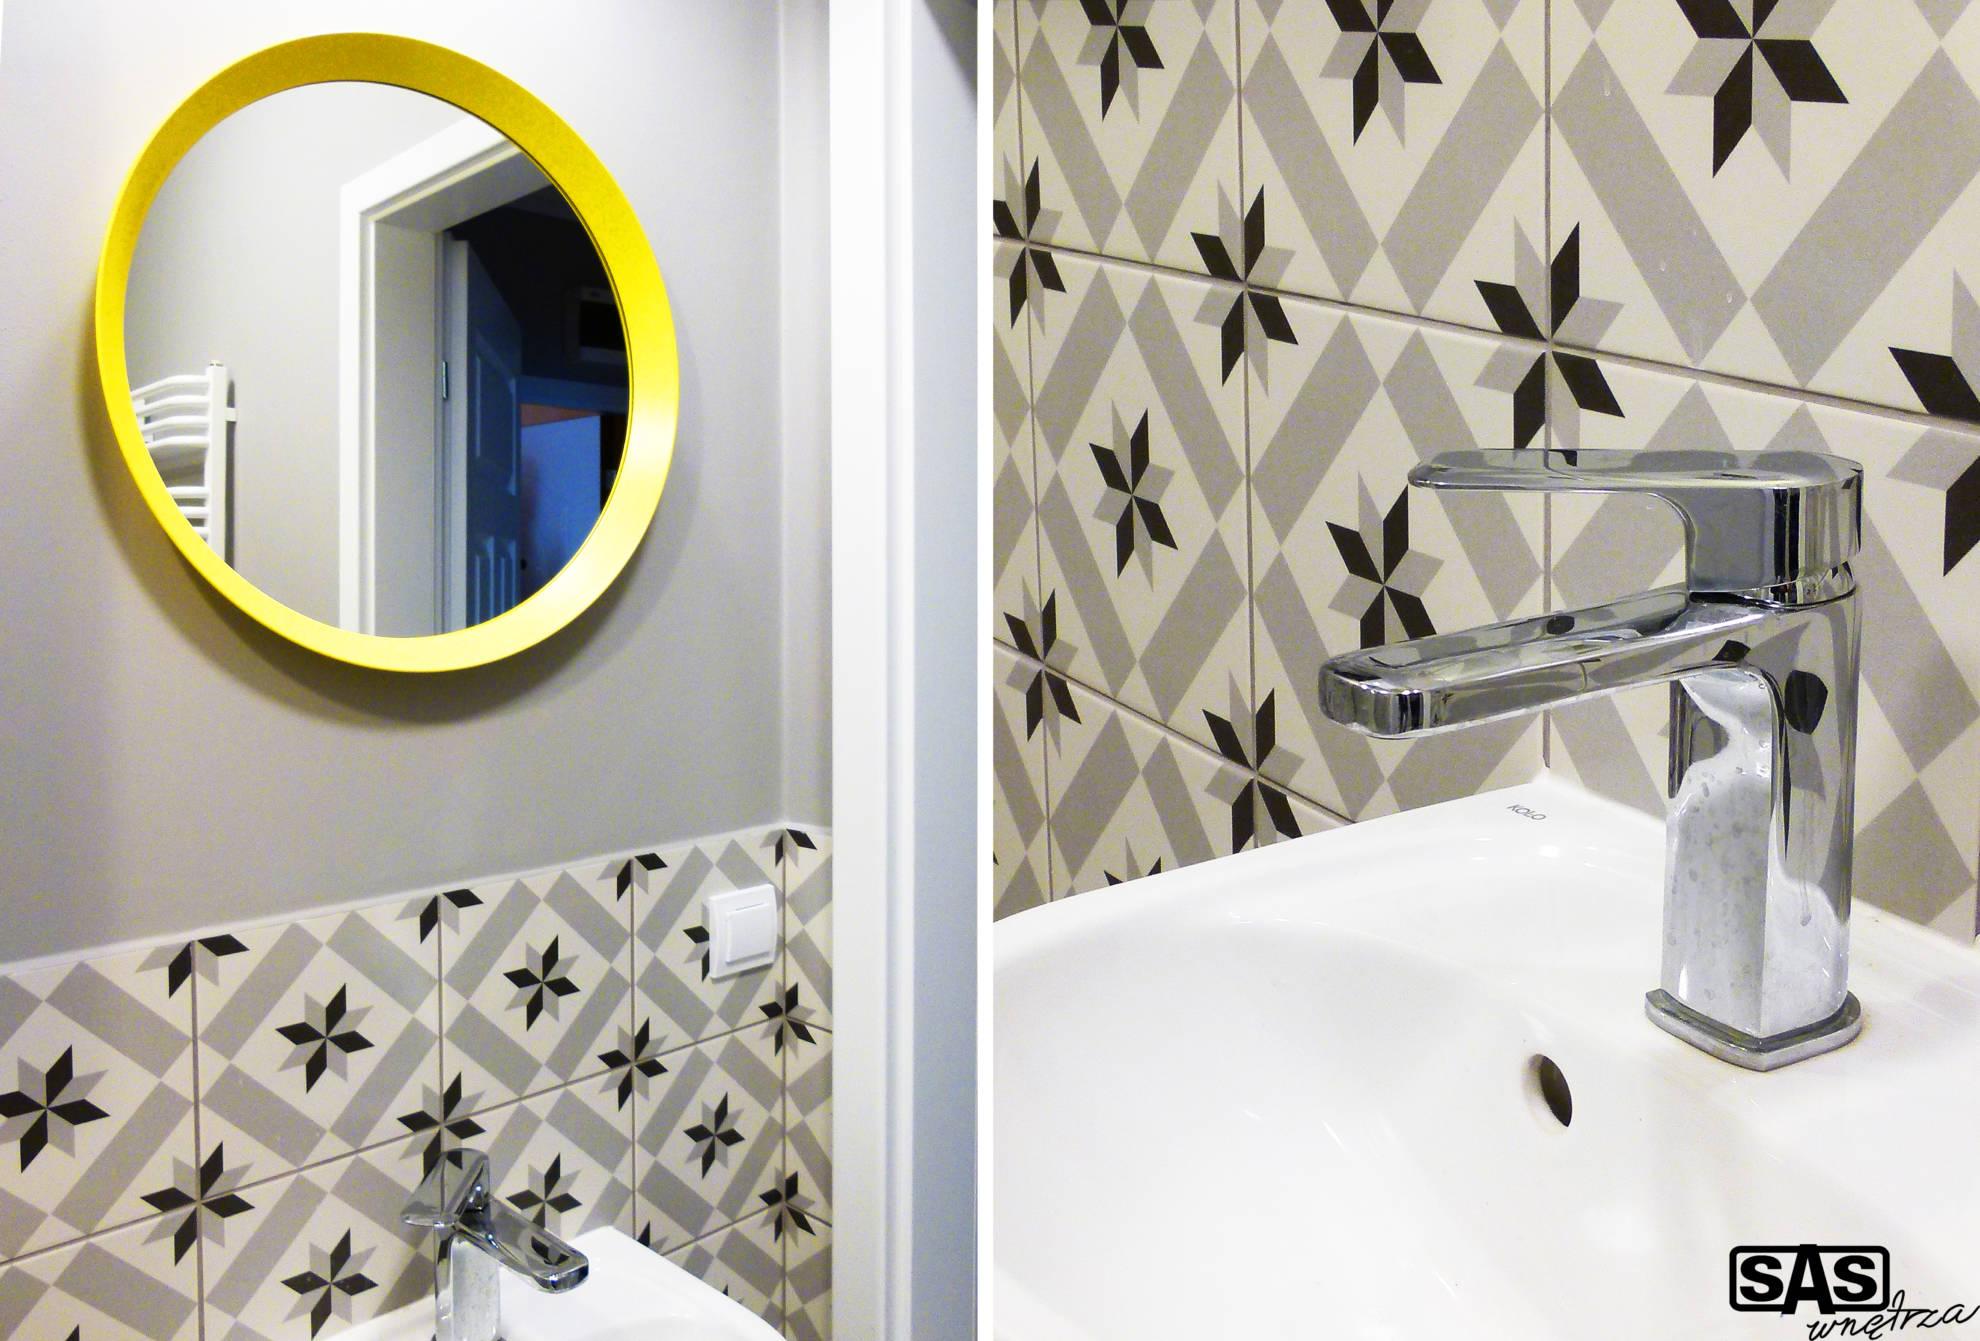 Aranżacja łazienki - projekt architekt wnętrz Emilia Strzempek Plasun.